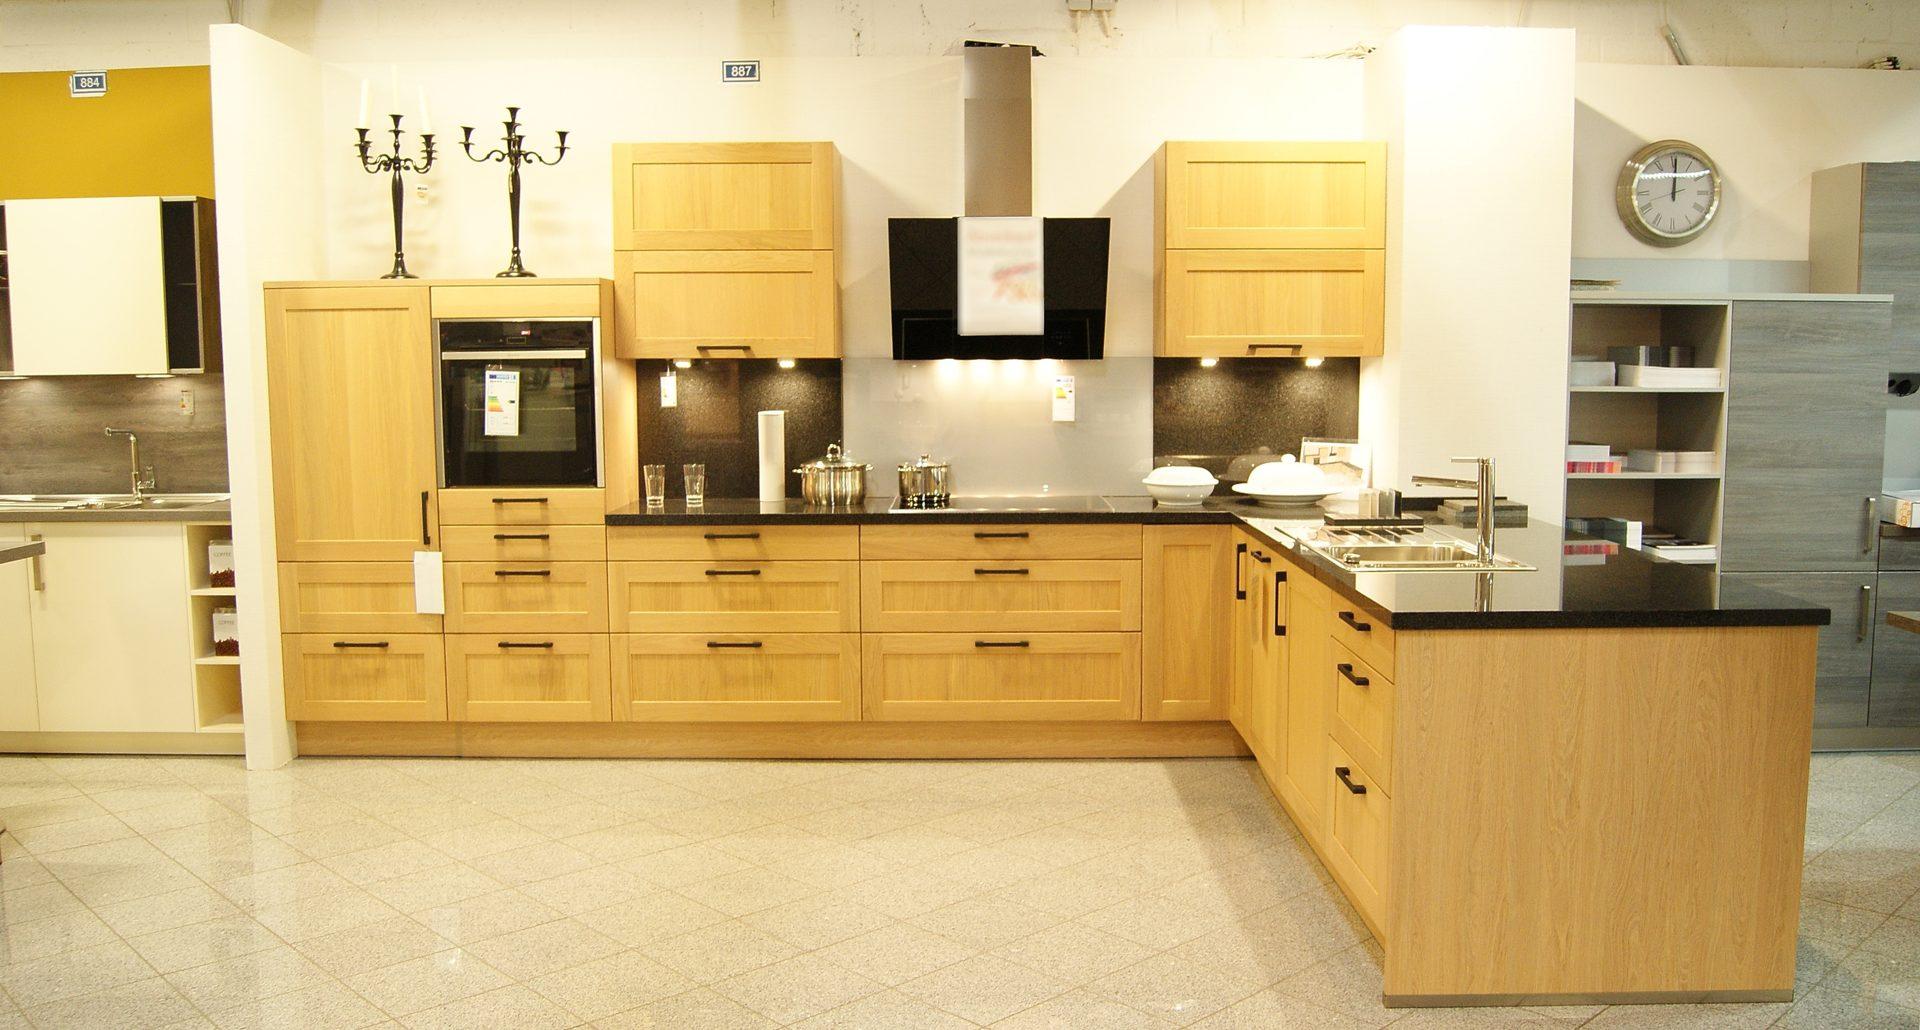 Möbel busch möbel a z küchen möbel möbel busch küche korpus wildeiche arbeitsplatte aus granit